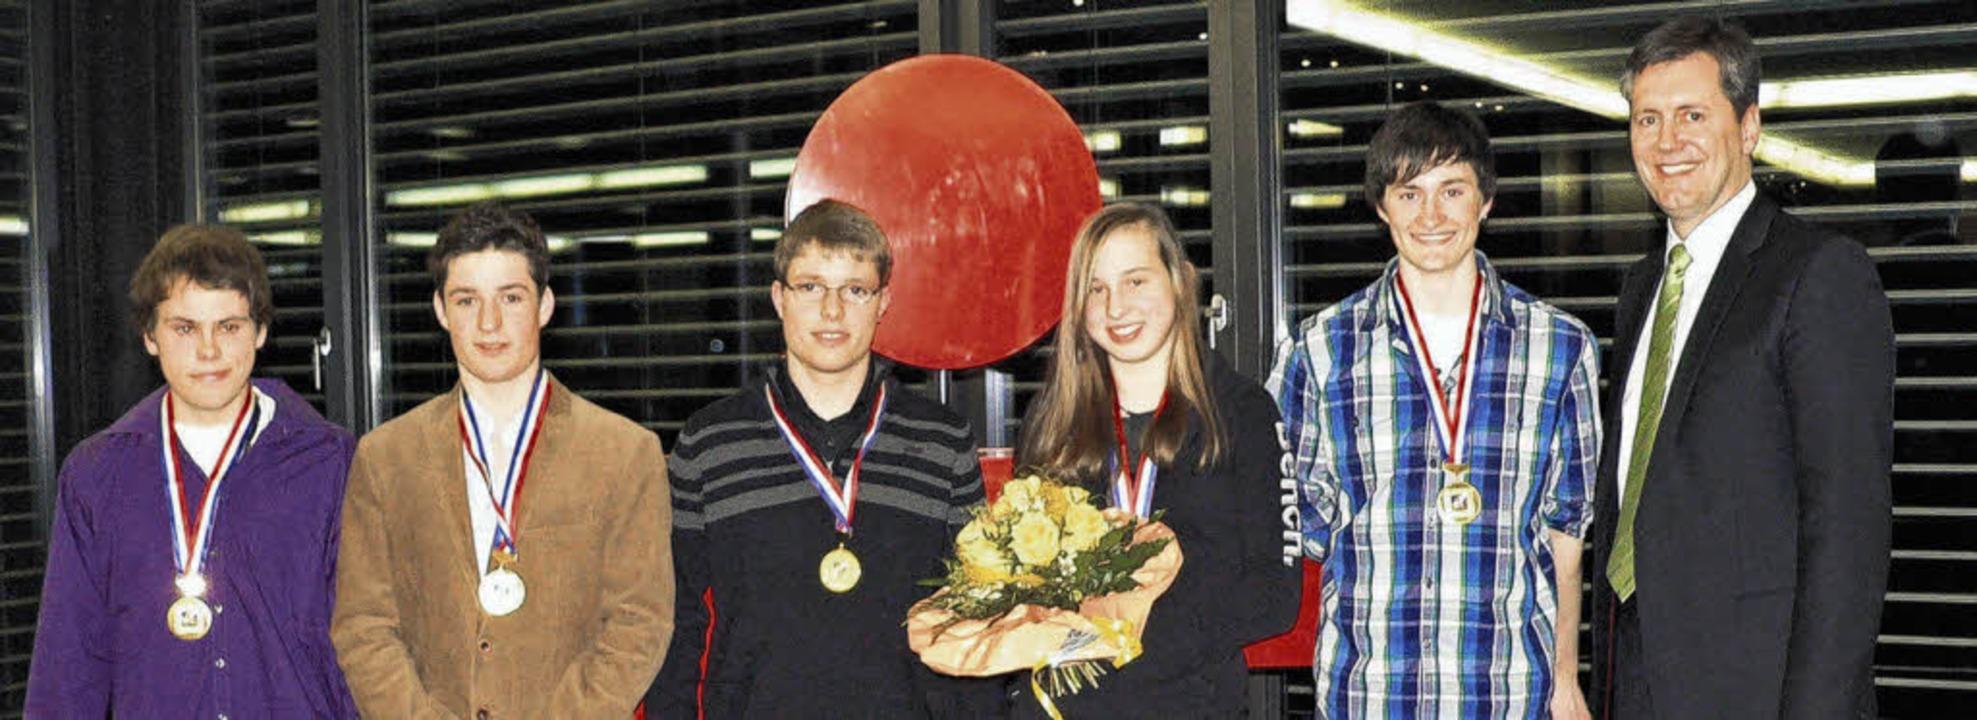 Ausgezeichnete Sportler: Sportausschus...ewitz und Fabian Kiefer (von rechts).   | Foto: HERBST